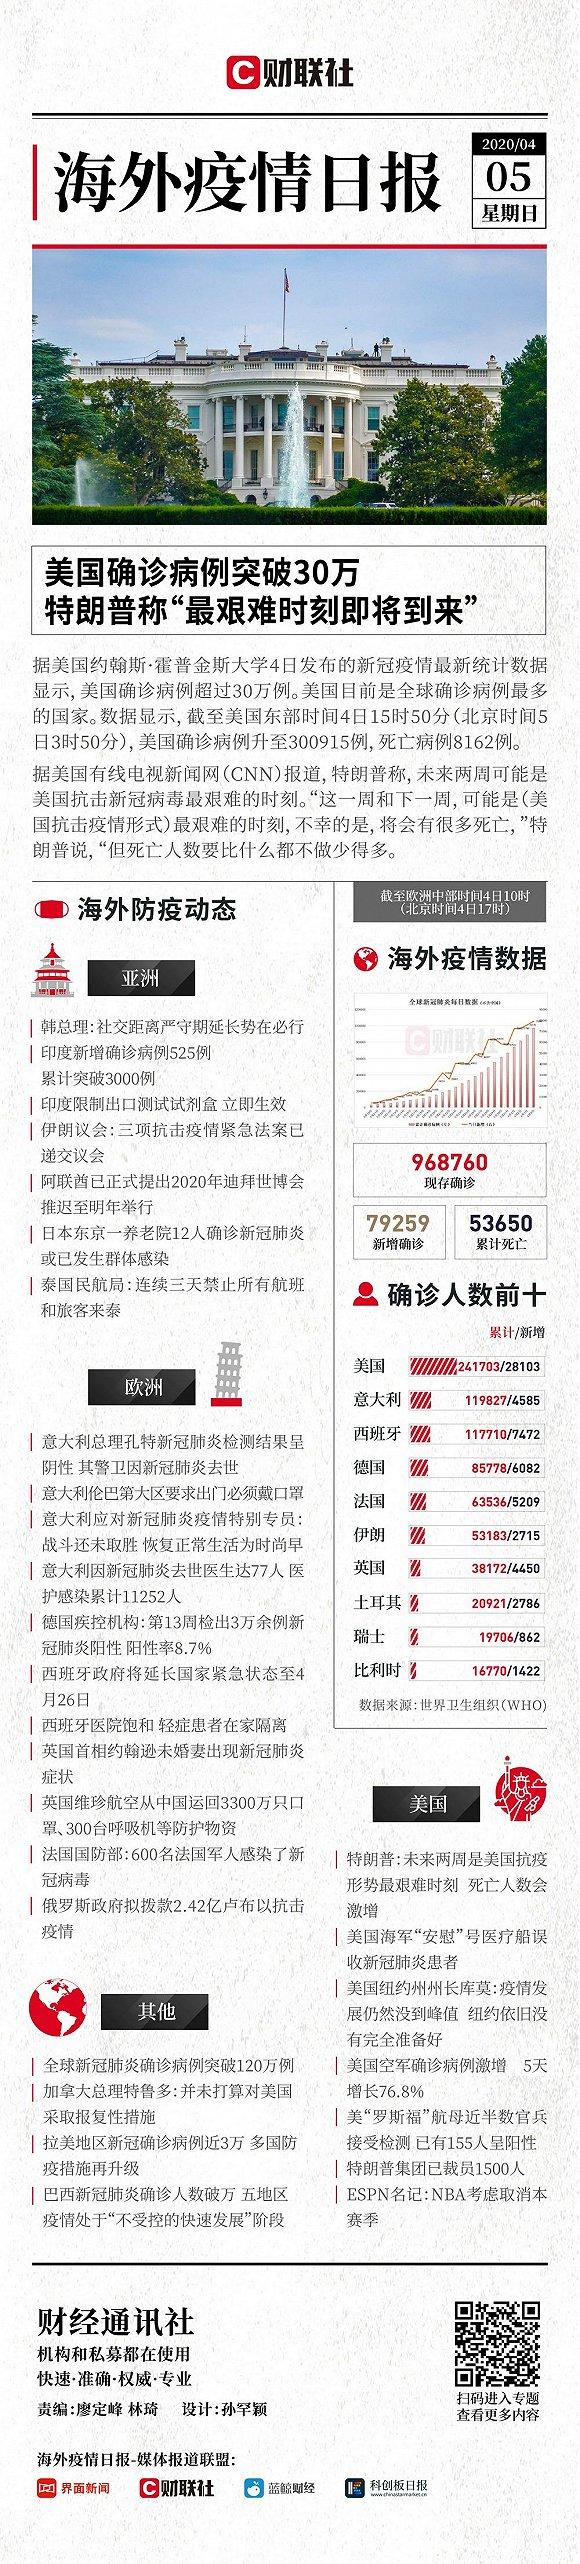 财联社海外疫情日报(4月5日)